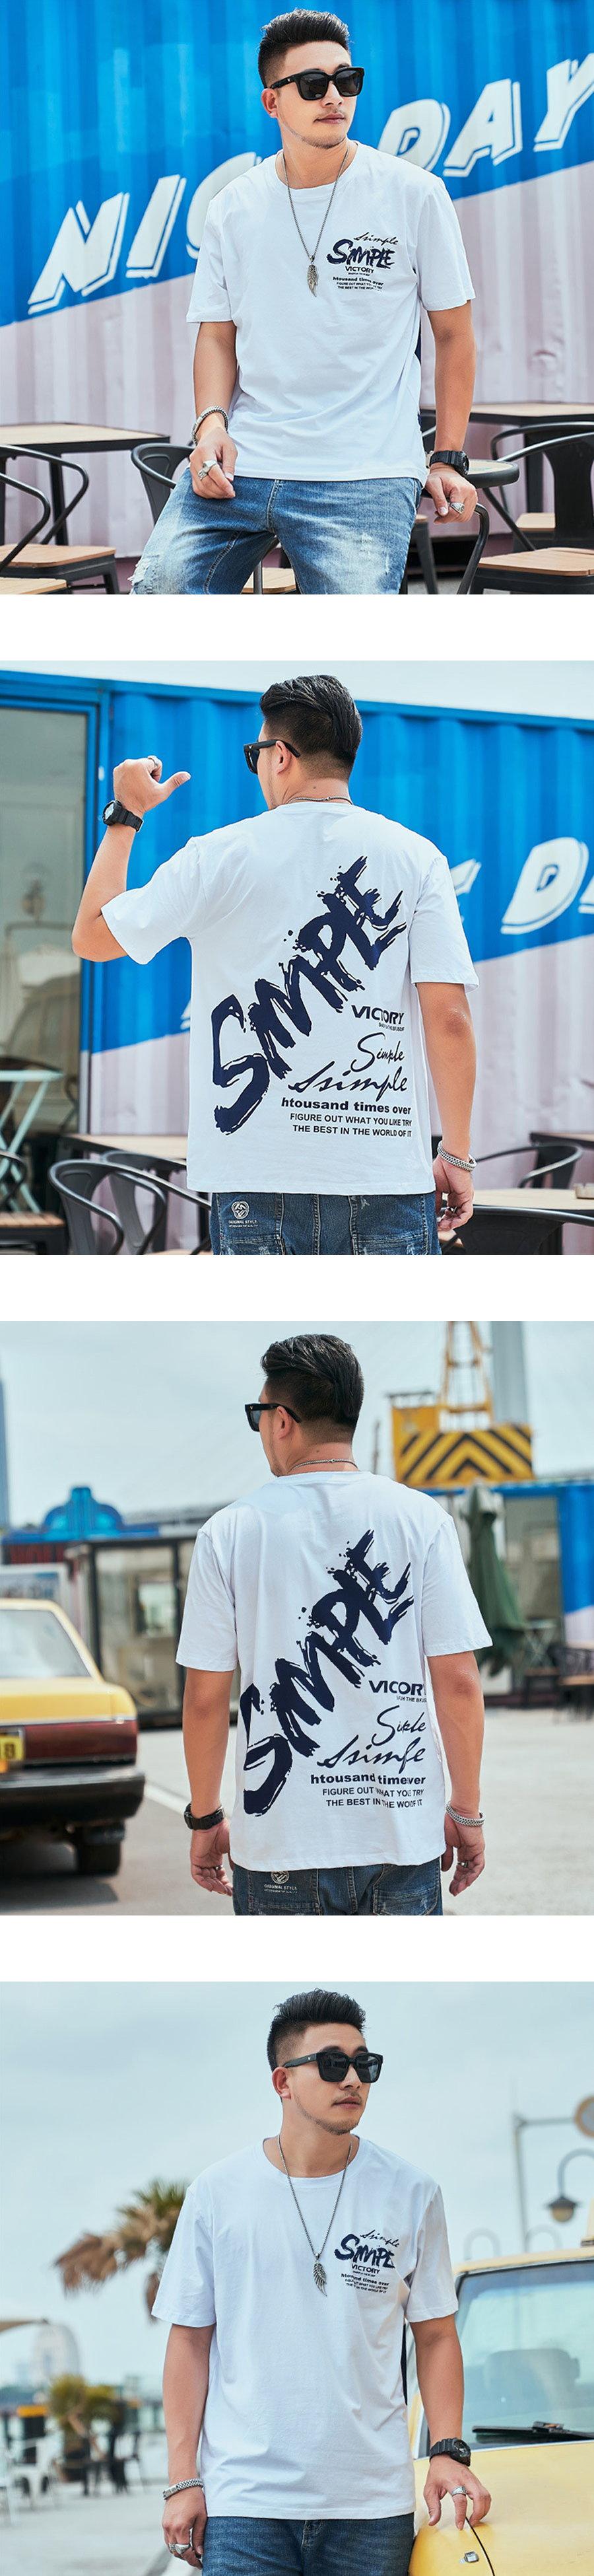 大尺碼.簡單生活印花短袖T恤